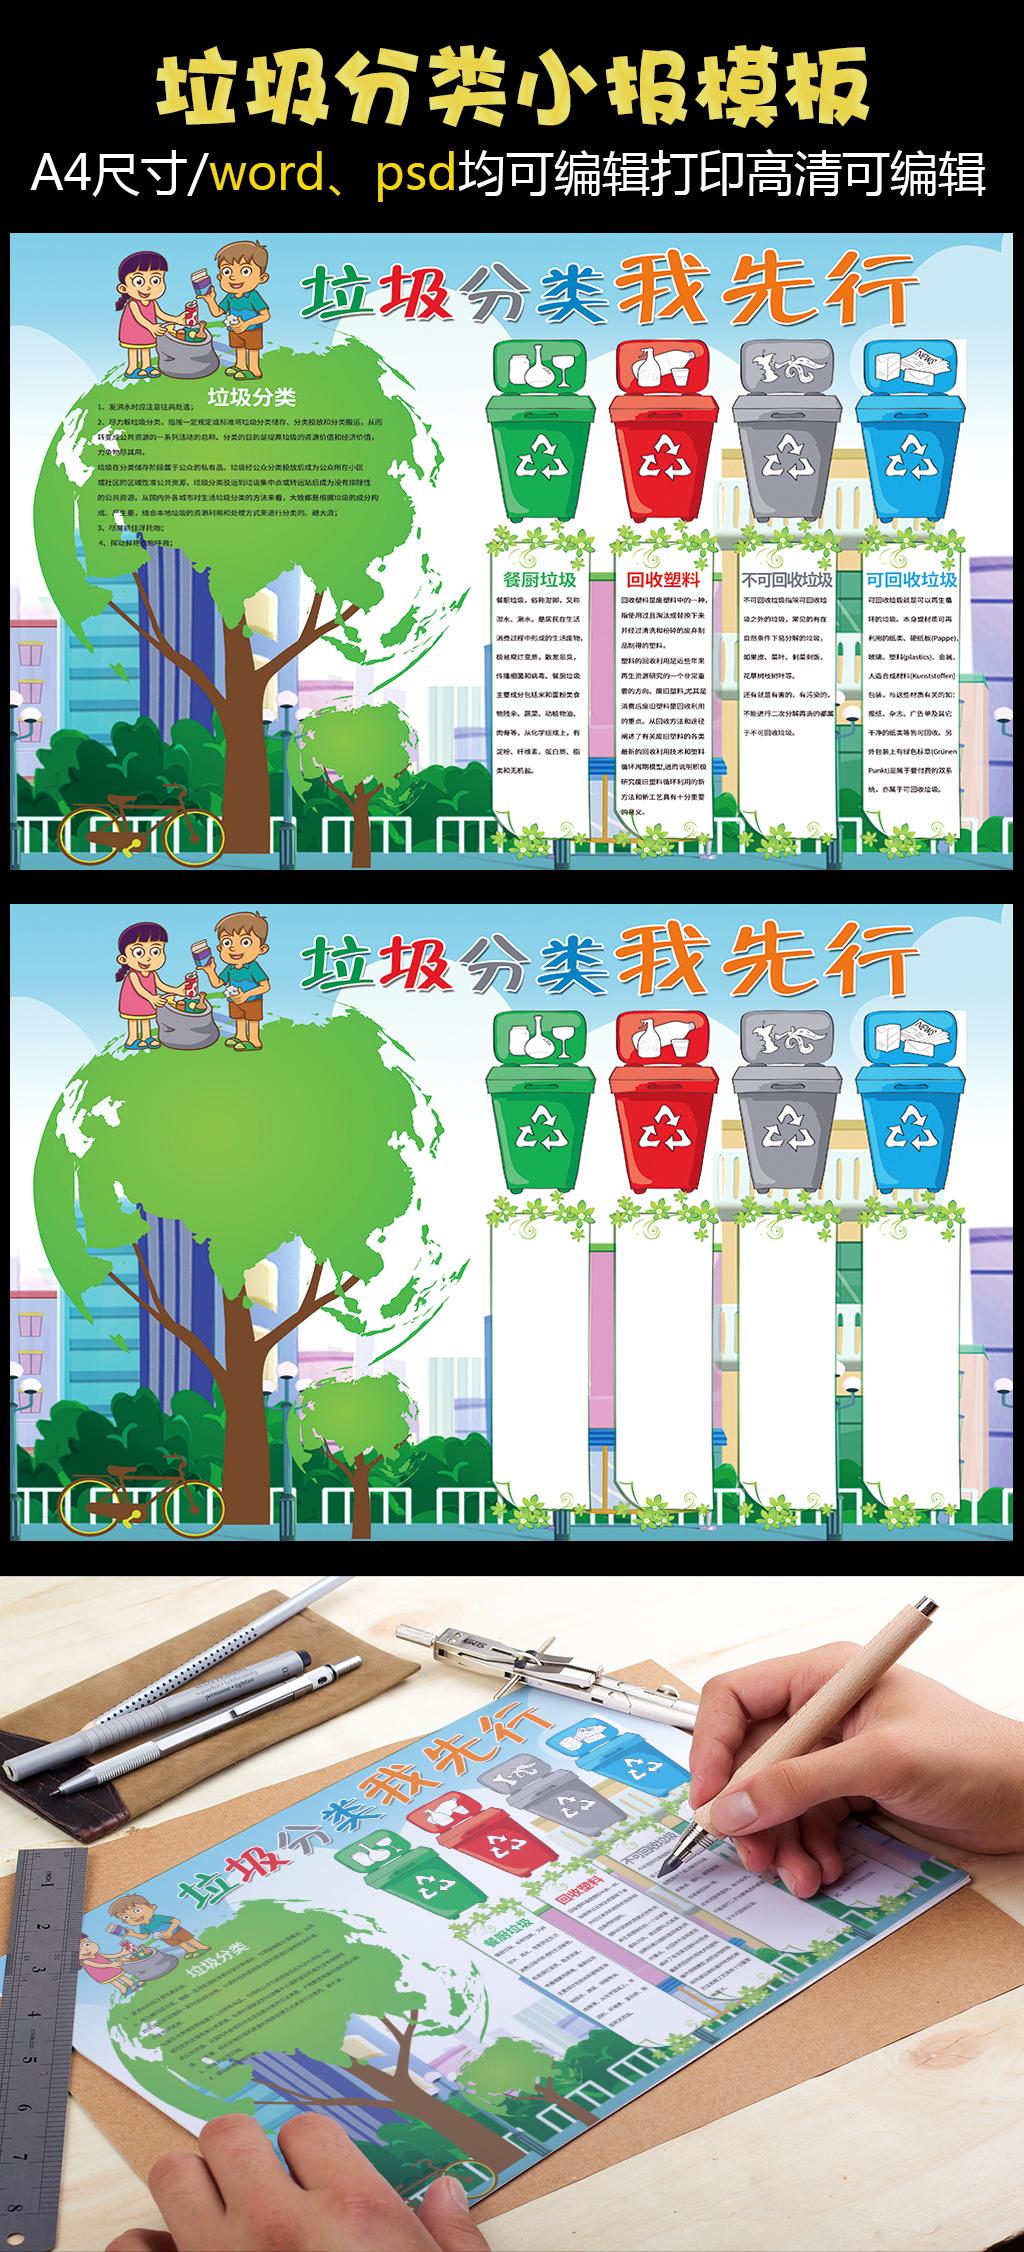 垃圾分类小报环保小报模板图片设计素材_高清psd分层